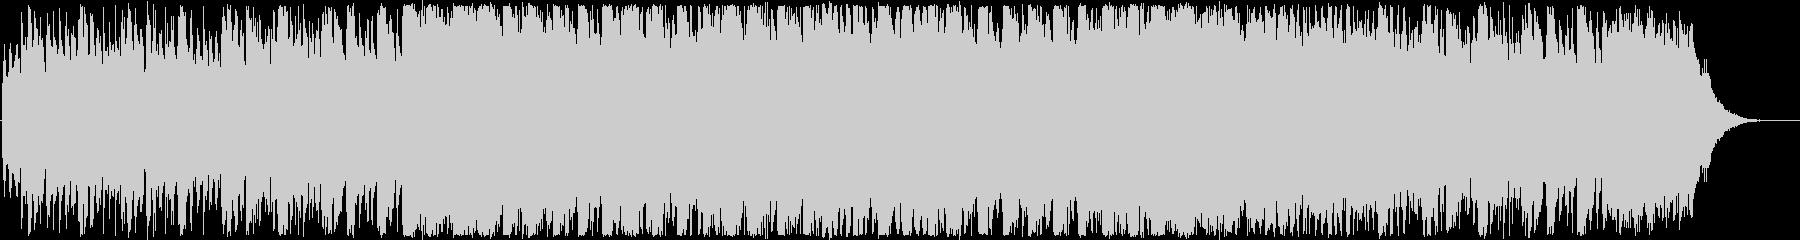 CM・キラキラ楽しい洋楽EDMの未再生の波形